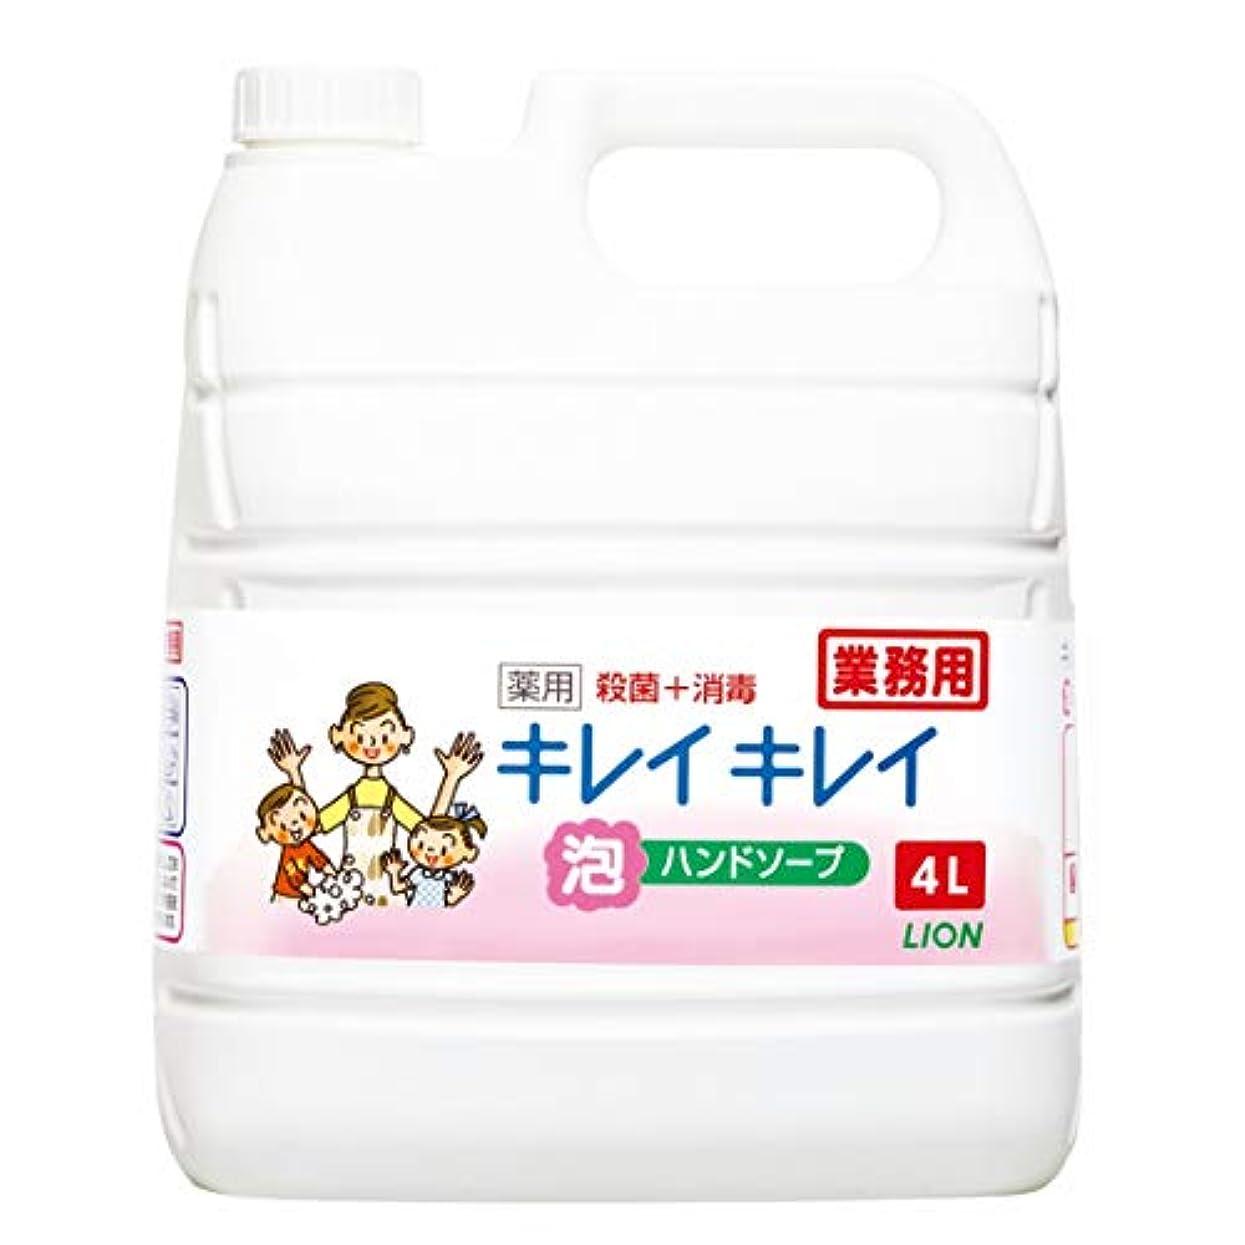 重くするアグネスグレイ我慢する【業務用 大容量】キレイキレイ 薬用 泡ハンドソープ シトラスフルーティの香り 液体 単品 4L(医薬部外品)